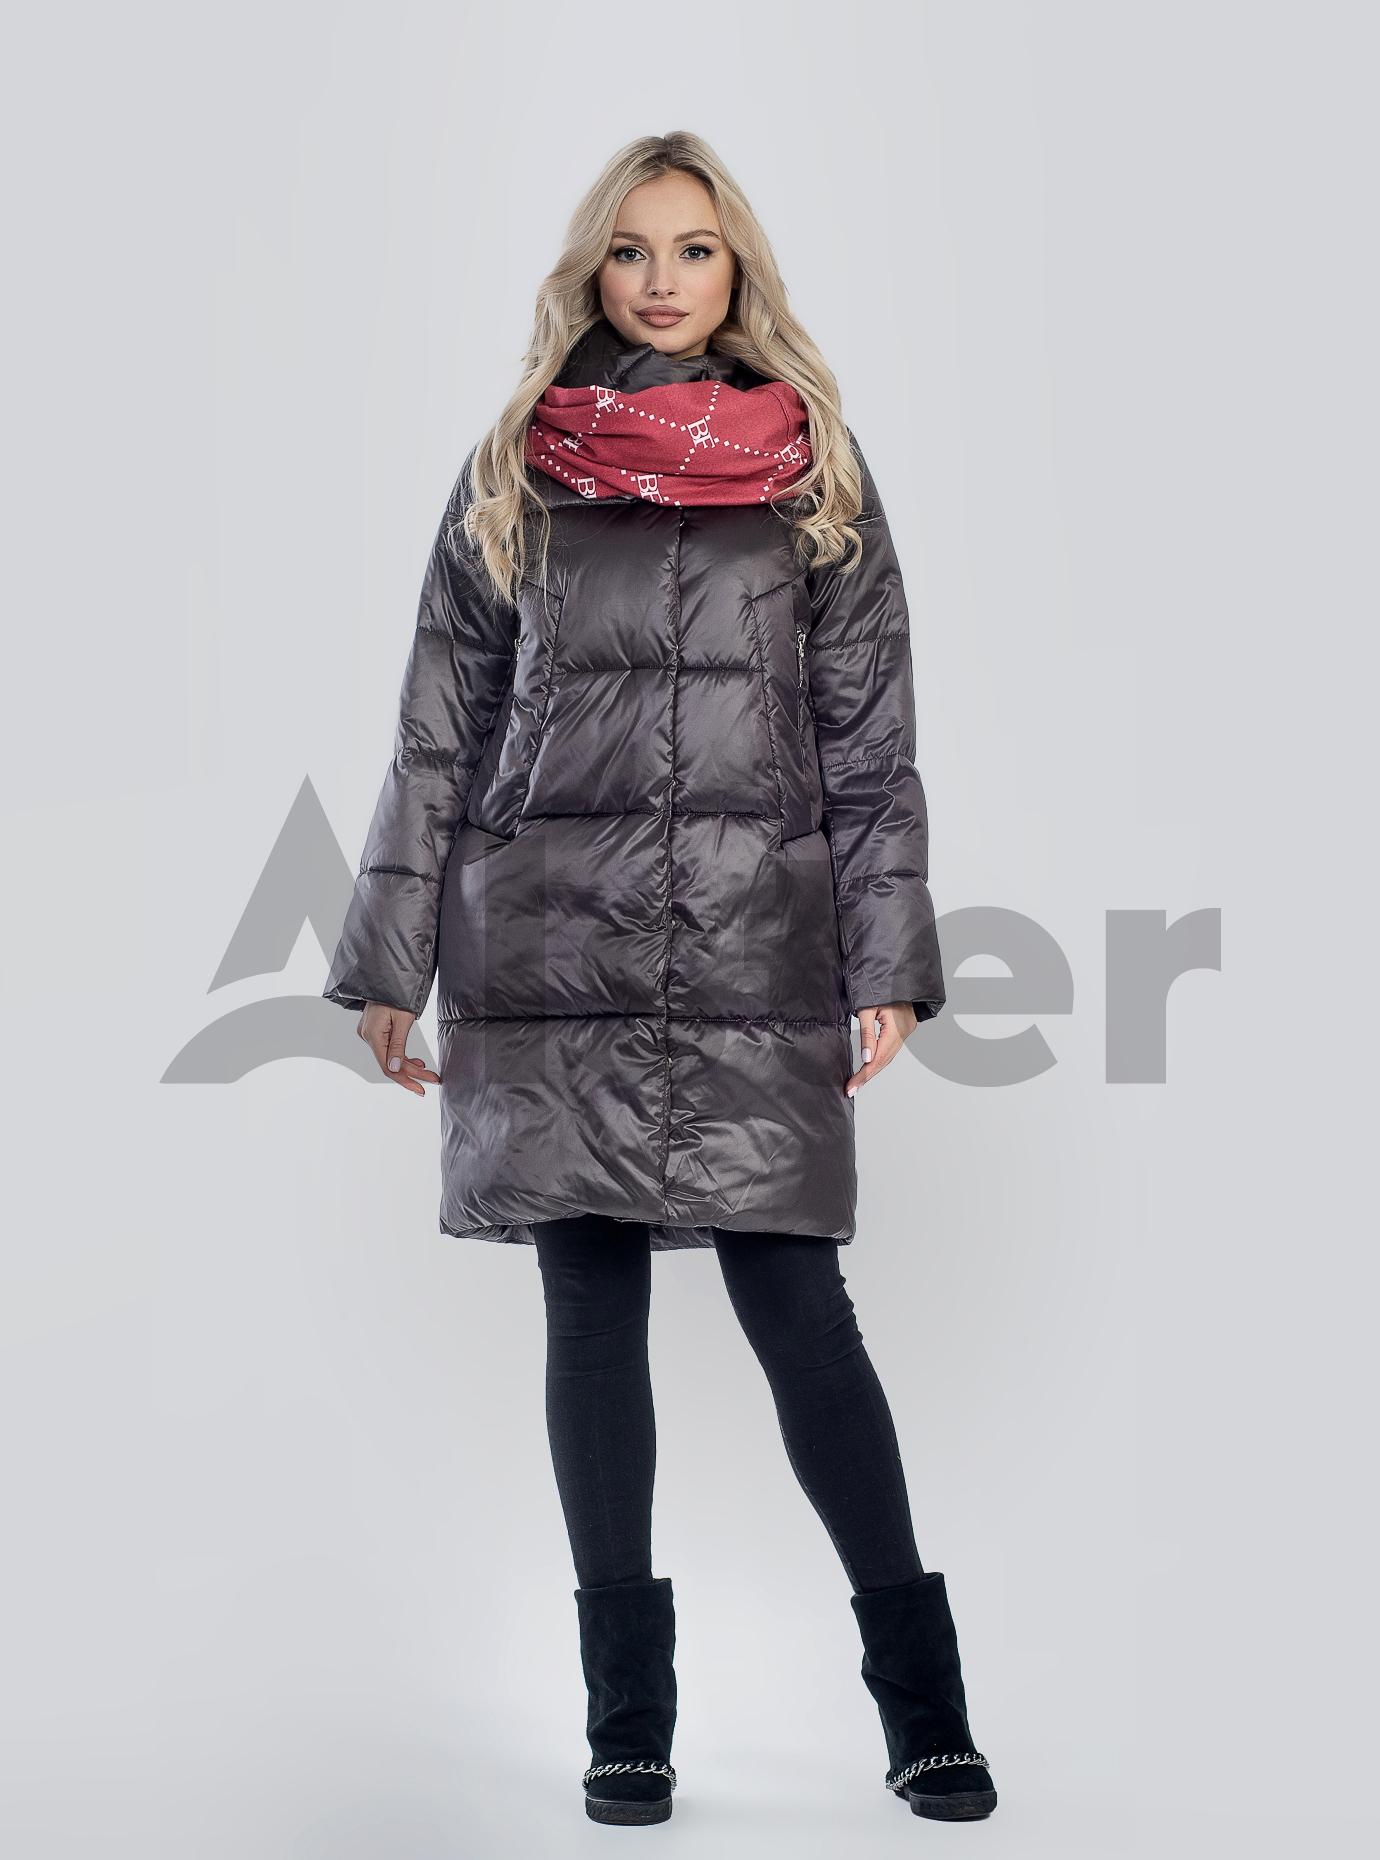 Куртка зимняя длинная стеганая Коричневый 42 (02-210155): фото - Alster.ua